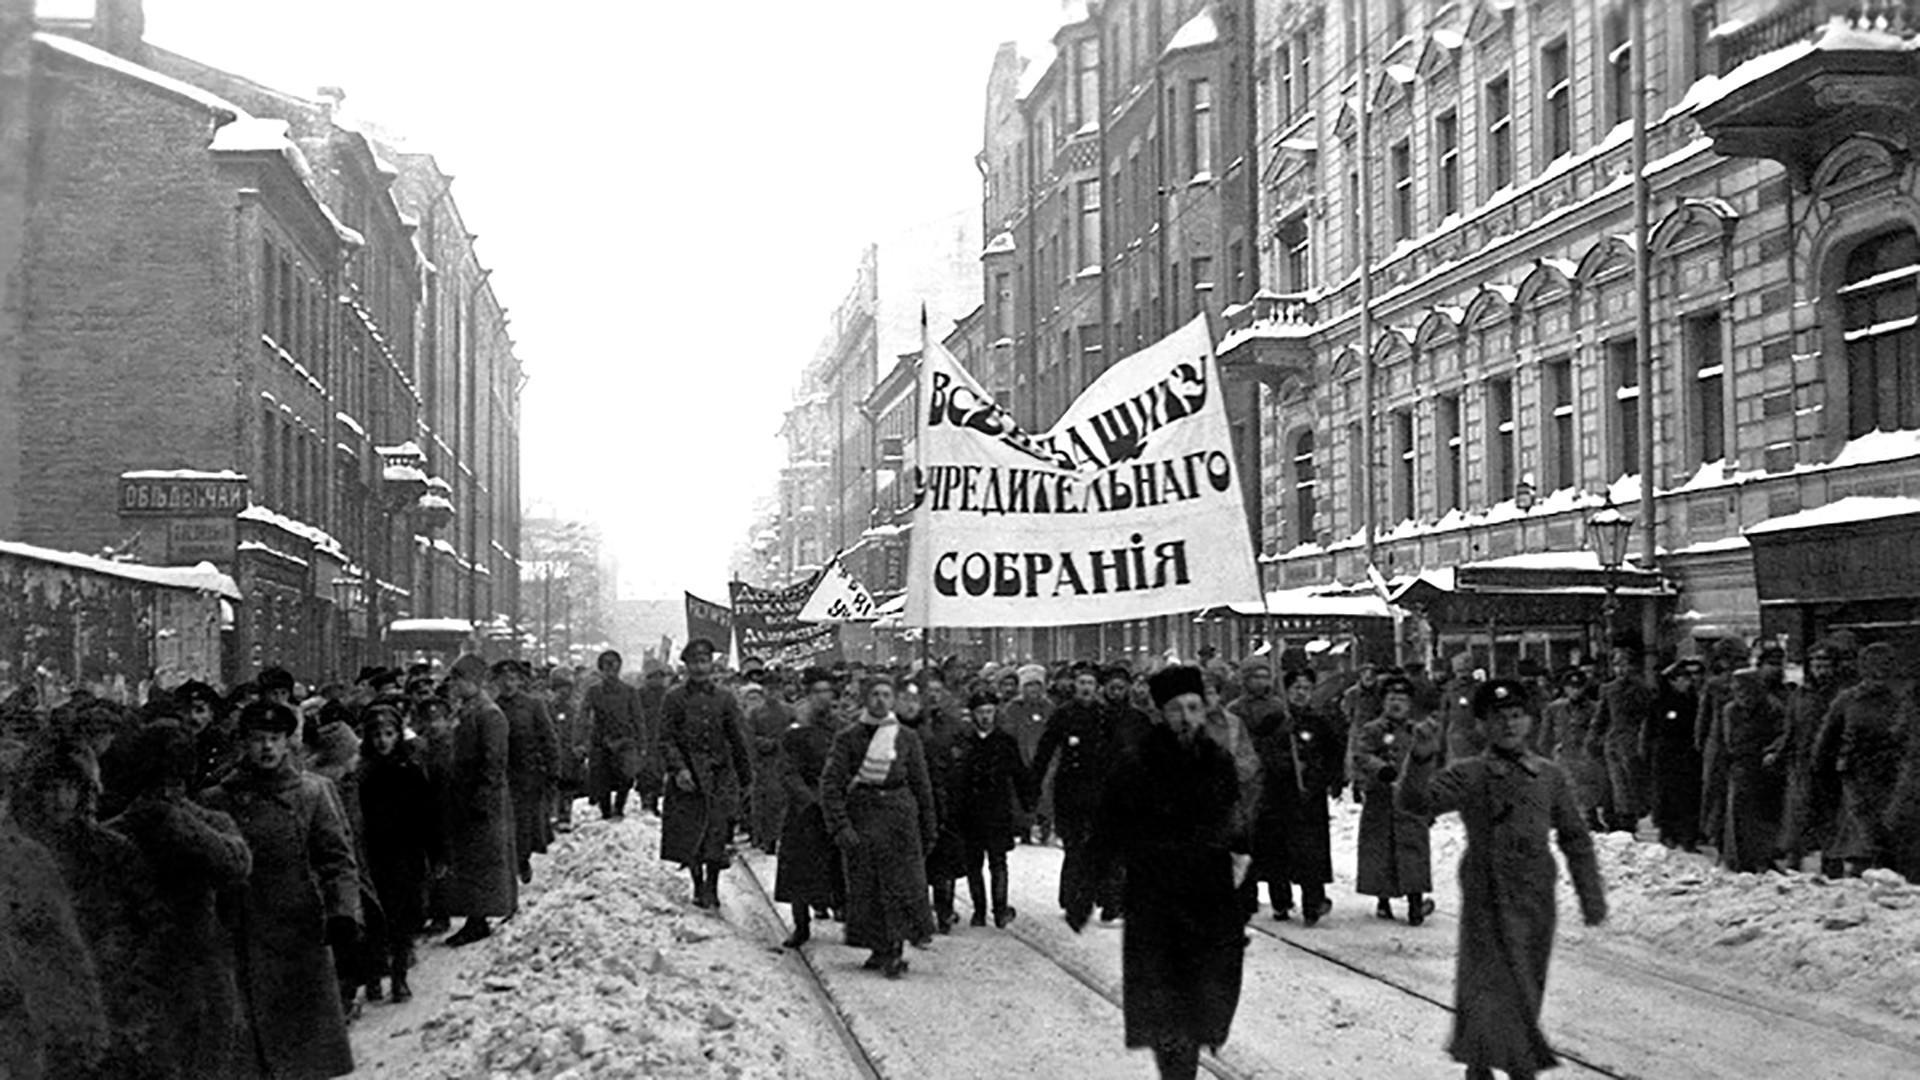 Boljševici su rastjerali skup podrške Osnivačkoj skupštini i pobili mnoge demonstrante.